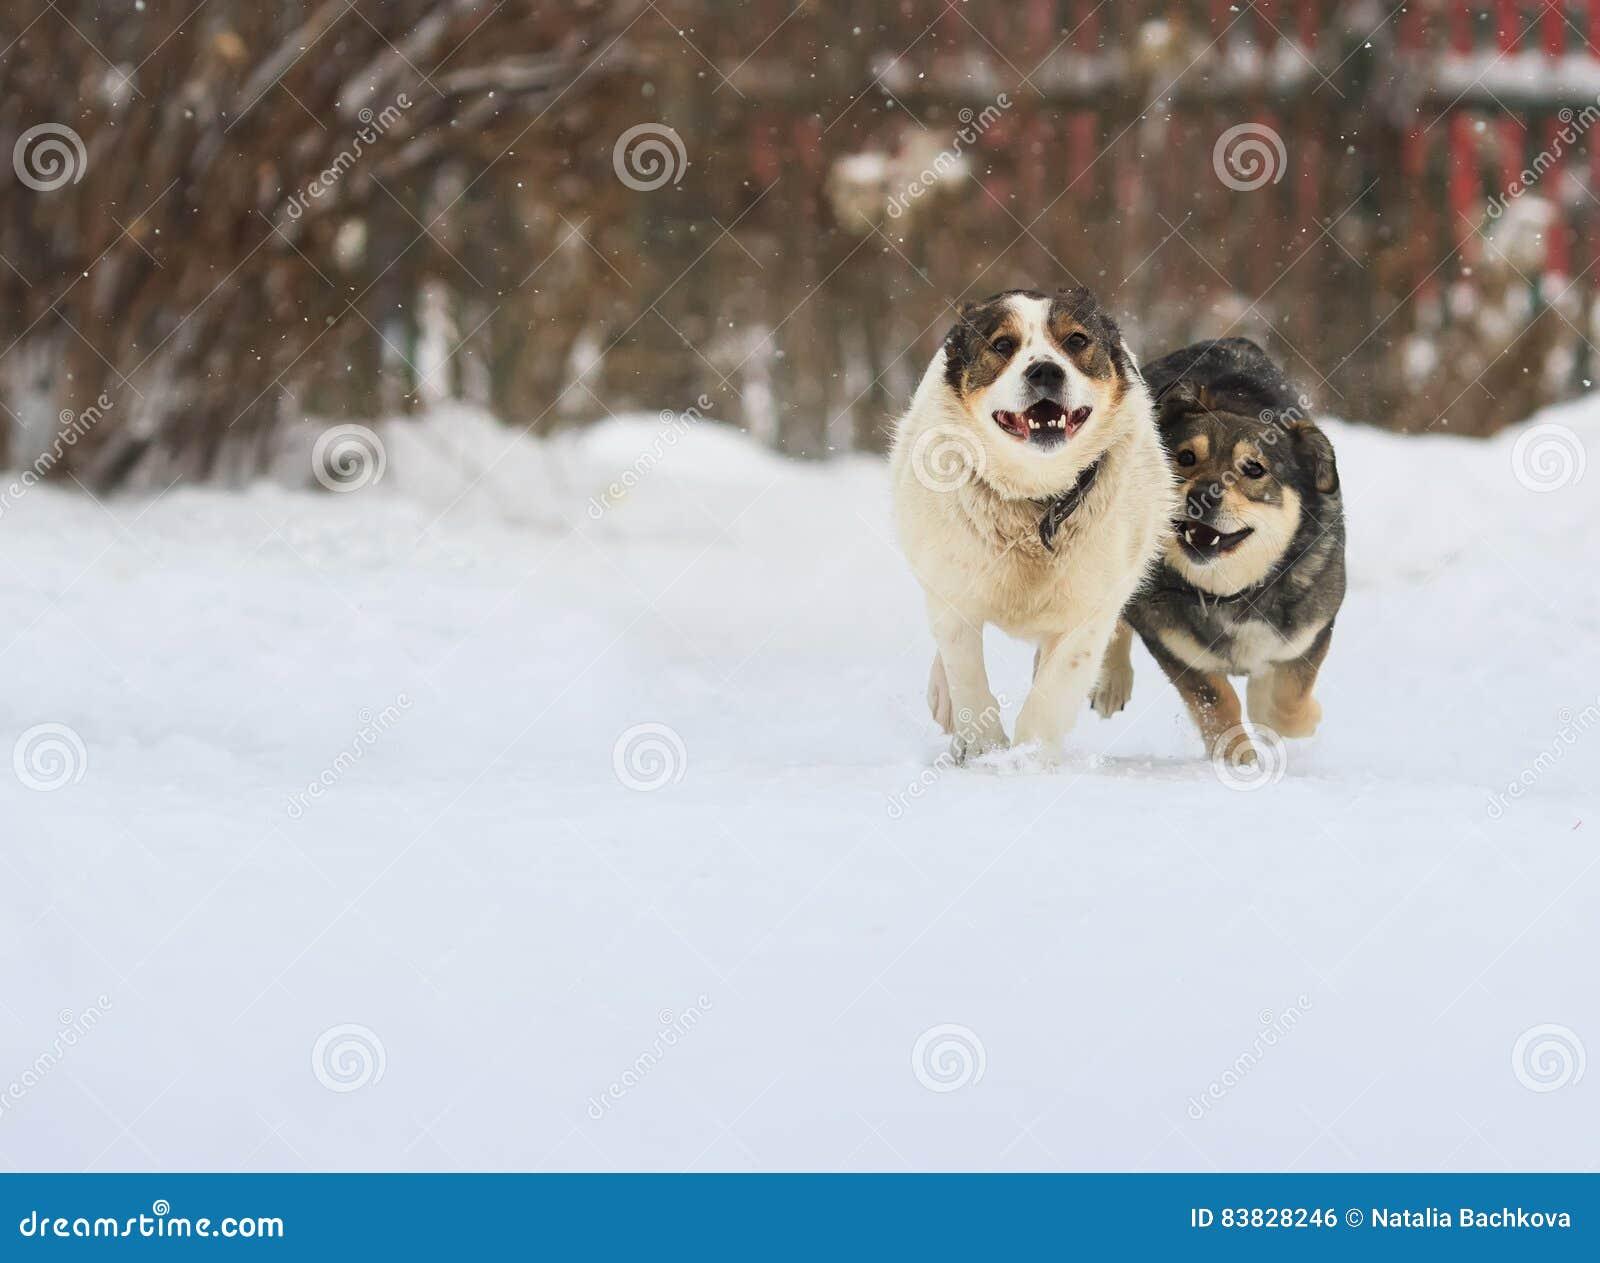 Schnee Lustige Bilder.Zwei Lustige Hunde Laufen Glucklich Uber Den Weissen Schnee